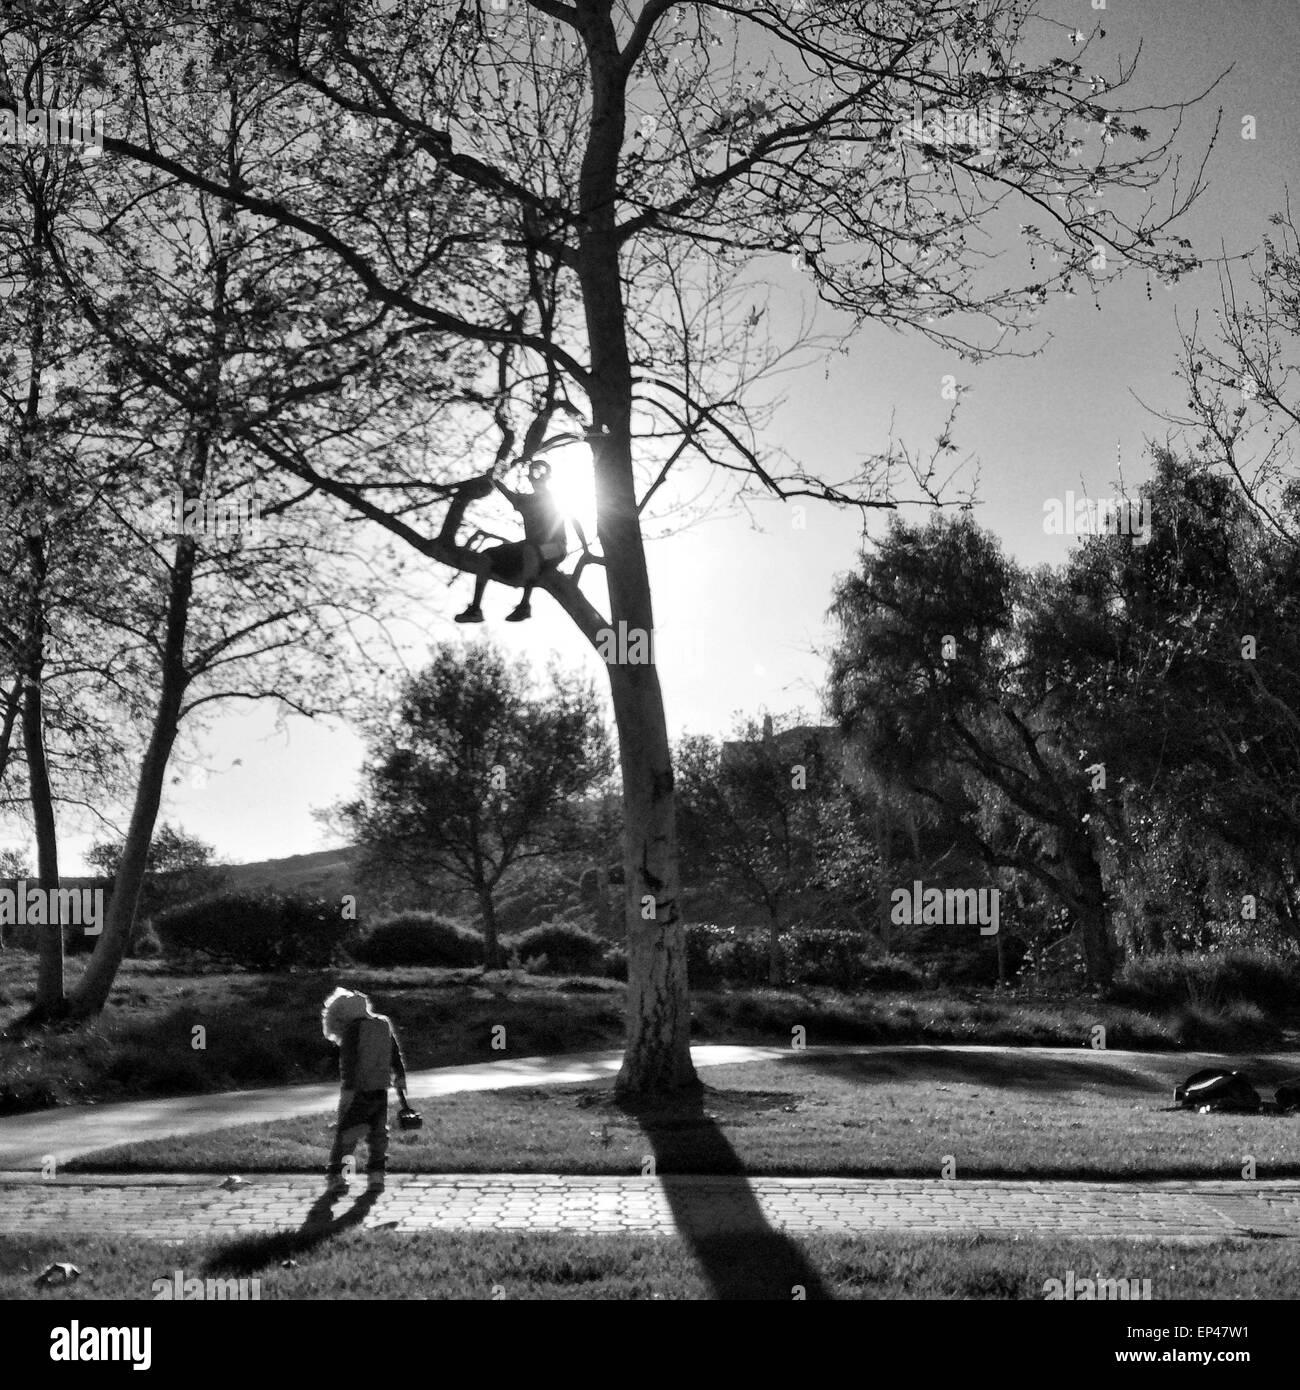 Junge sitzt in einem Baum blickte auf seinen Freund Stockbild